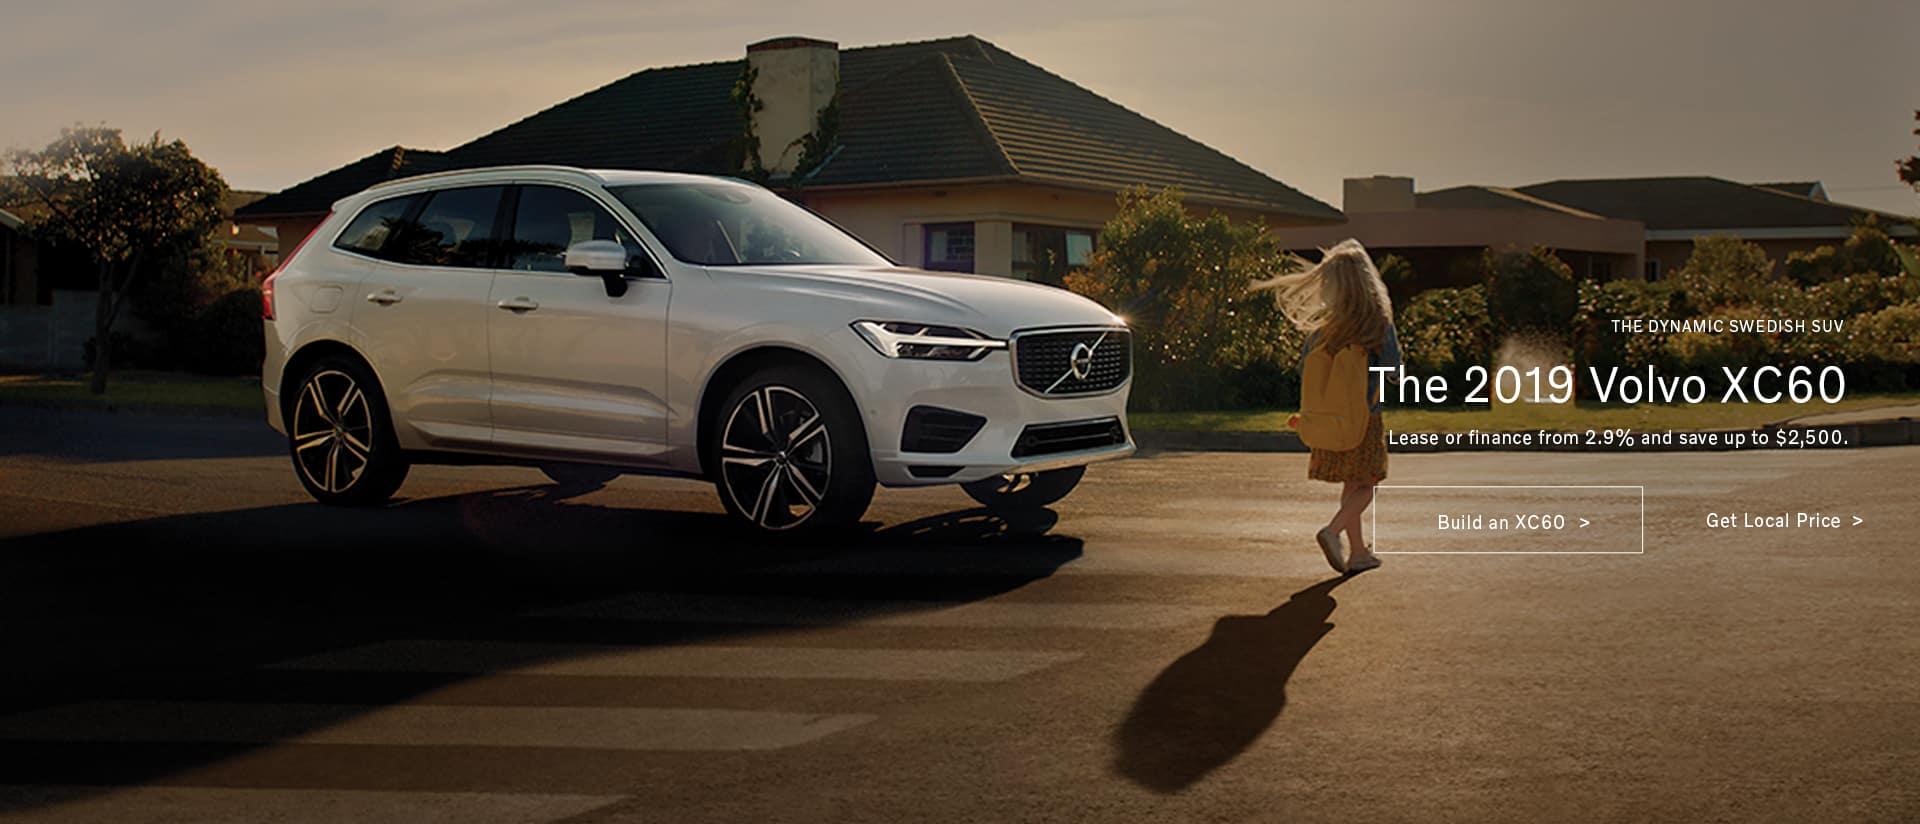 St-Laurent Volvo | Volvo Dealer in Ottawa, ON